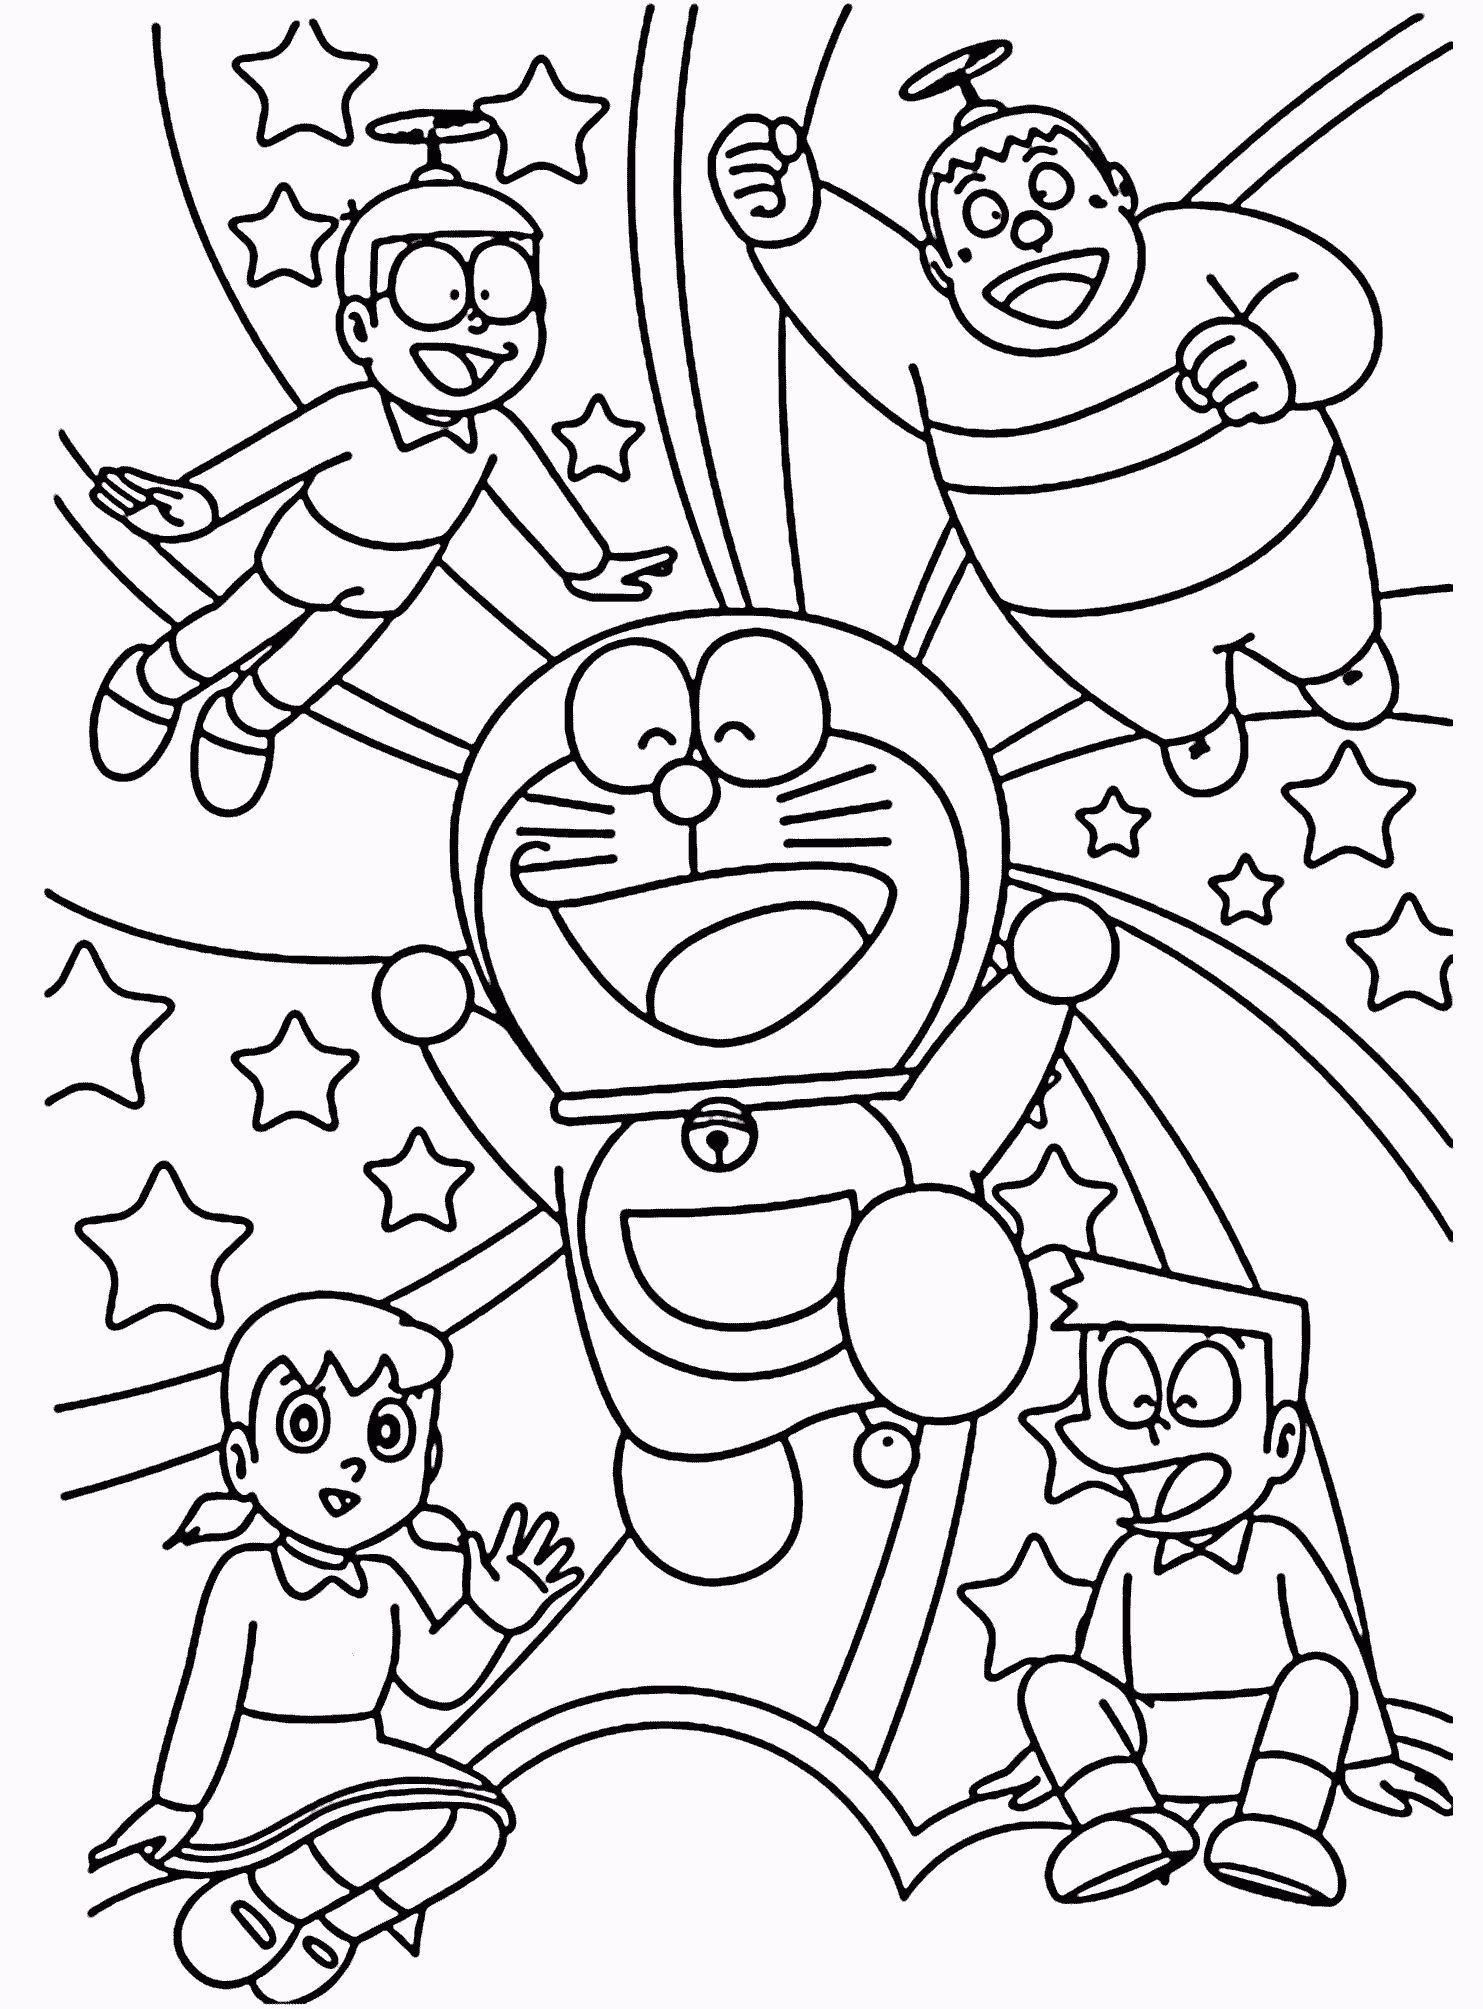 Doraemon Coloring Pages To Print Doraemon Coloring Pages Printable Doraemon Coloring Pages To Print Doraemon Coloring Sheets Pr Buku Mewarnai Warna Doraemon